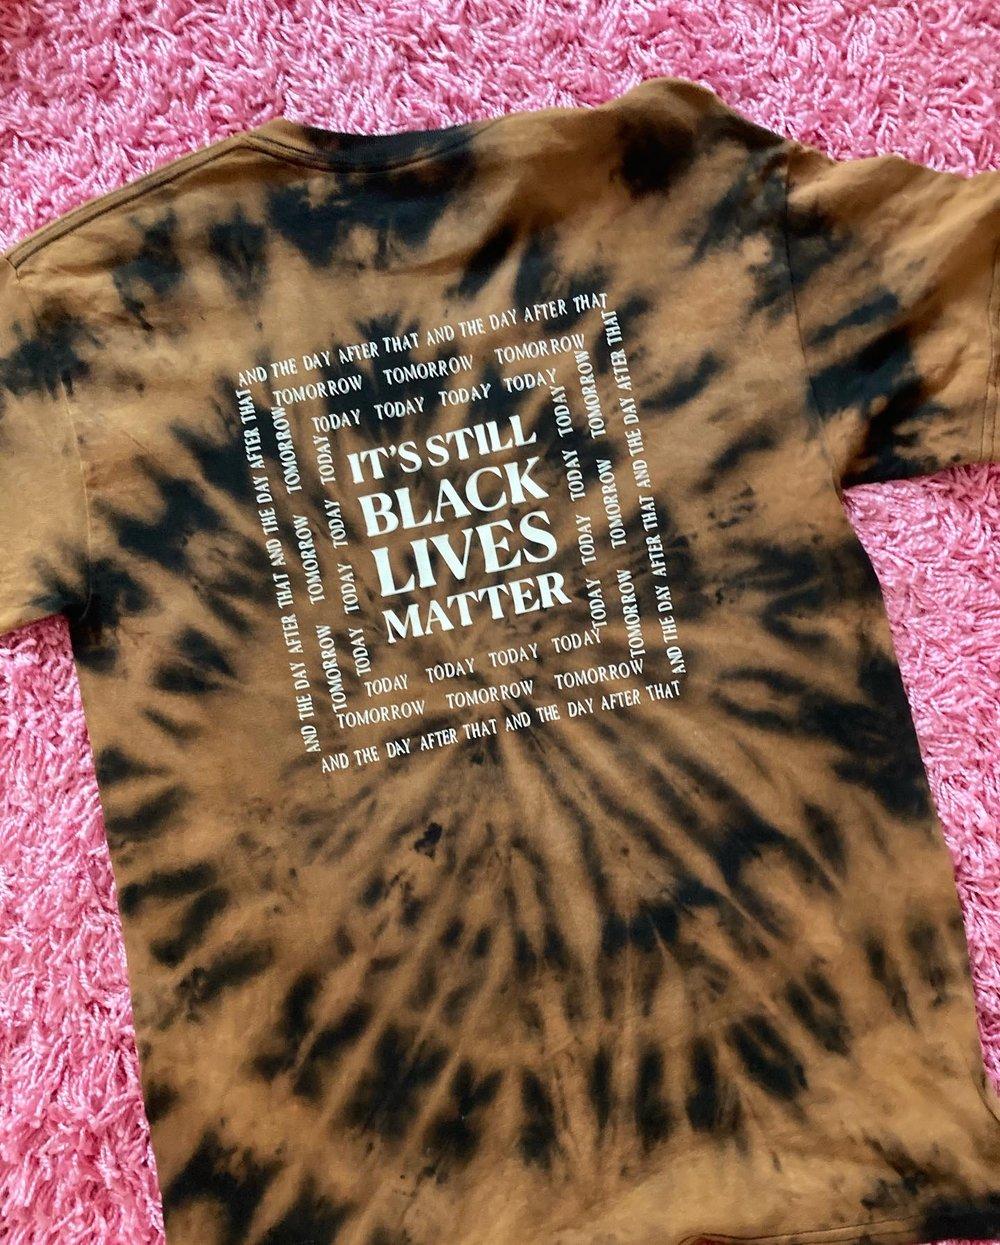 IT'S STILL BLACK LIVES MATTER